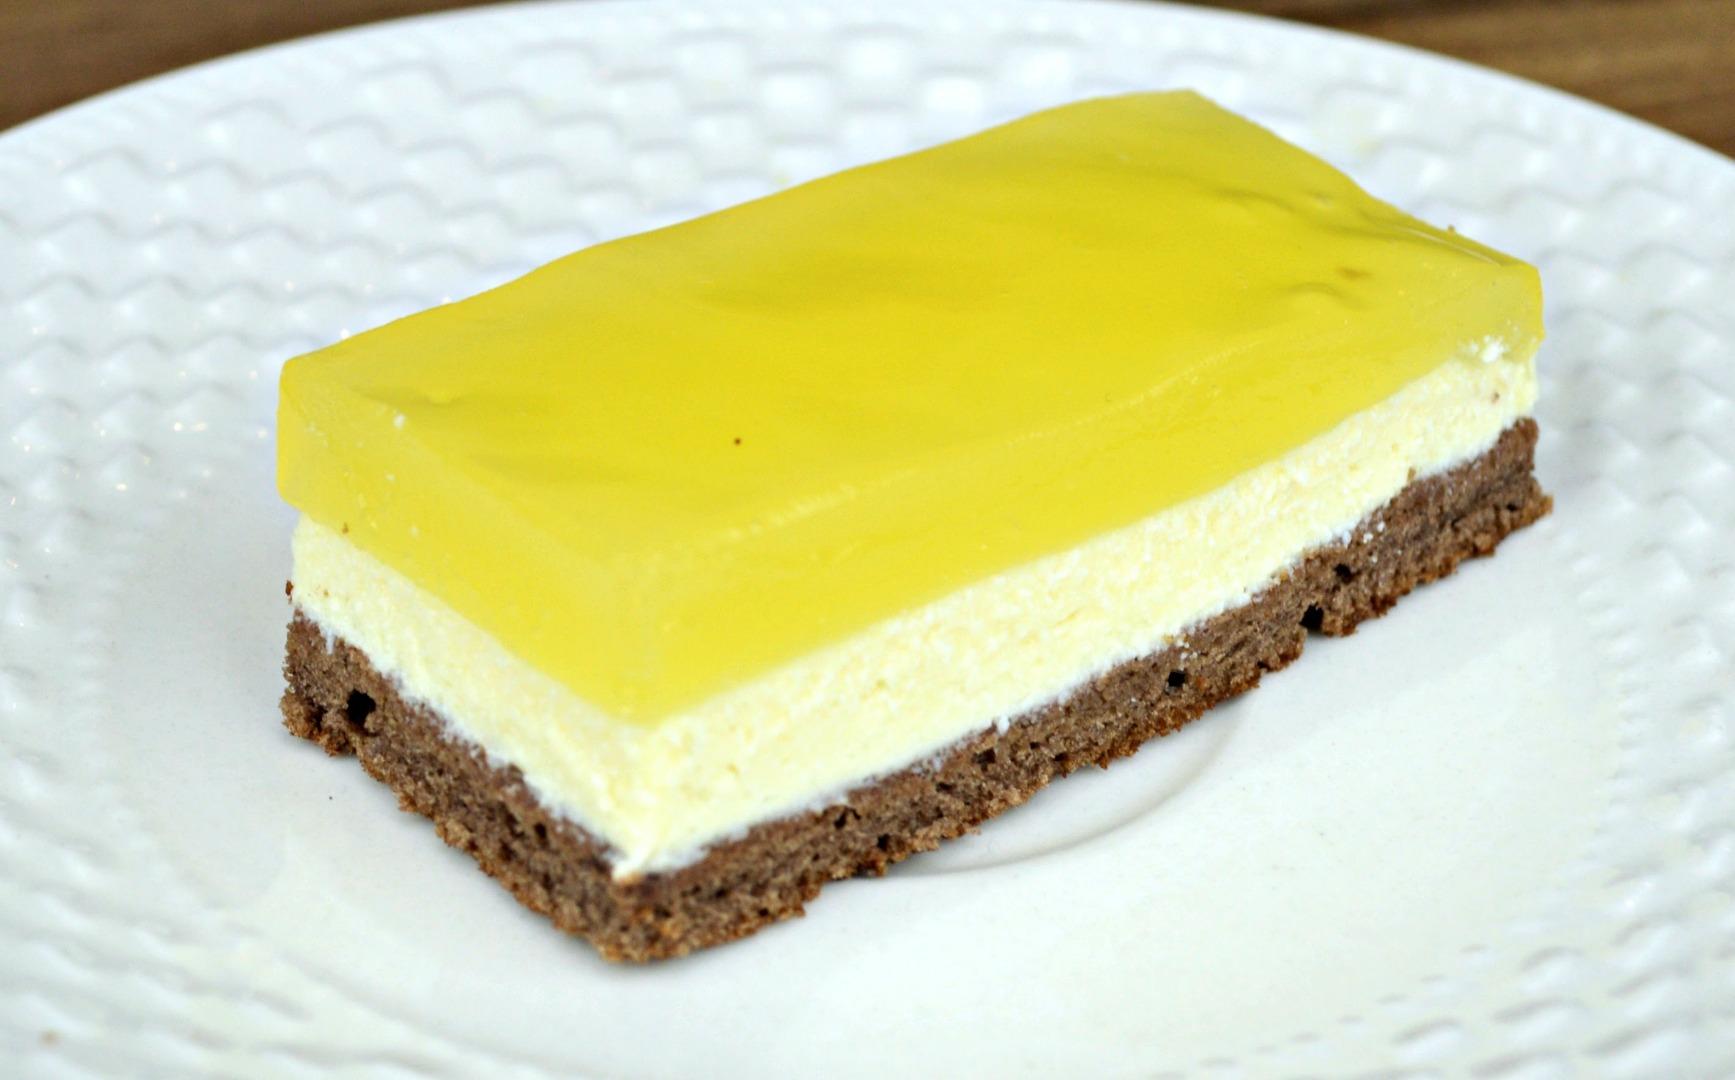 Prăjitură Fanta - cea mai simplă și gustoasă rețetă